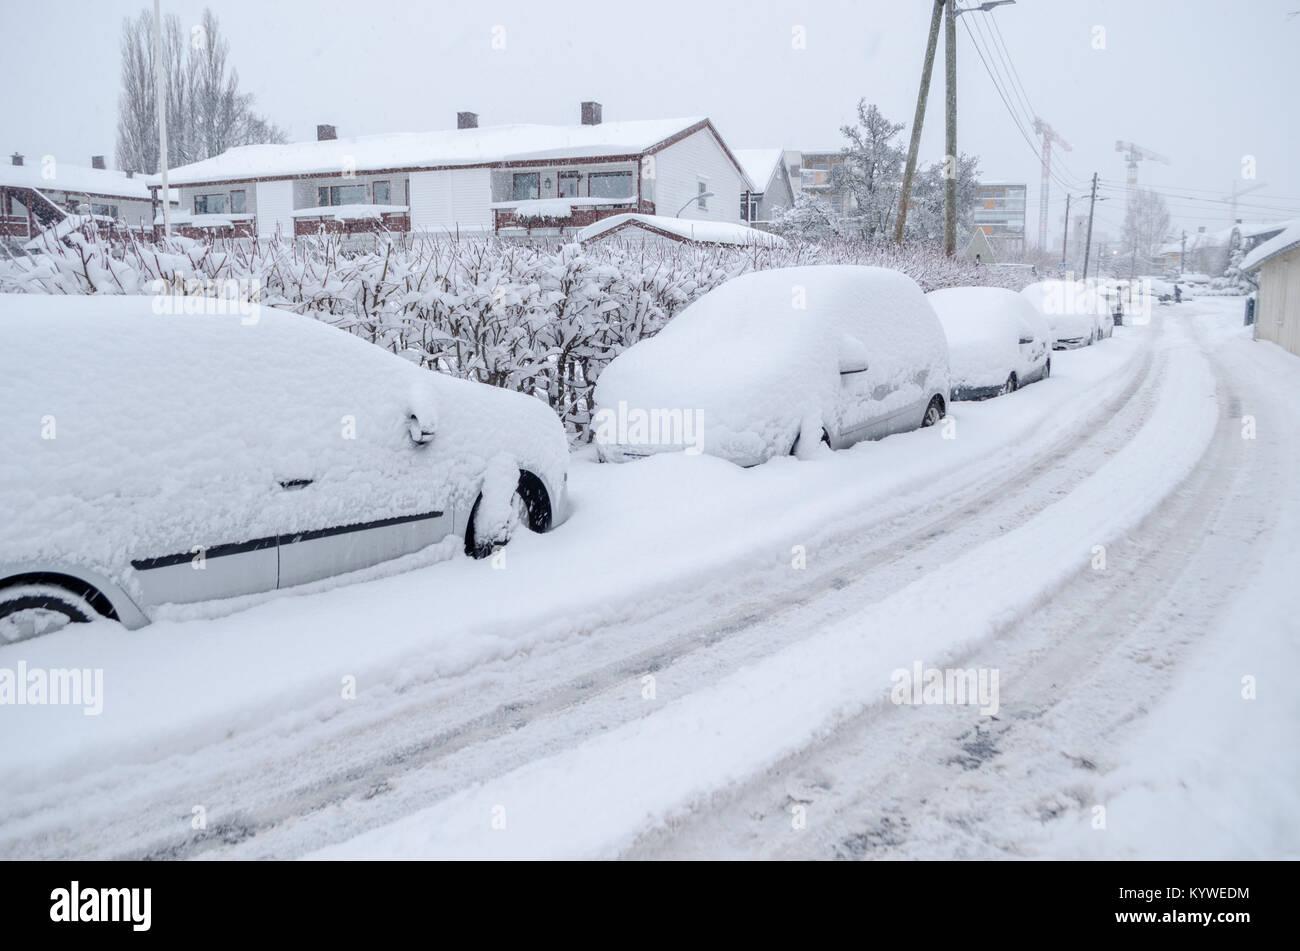 Wetter In Oslo